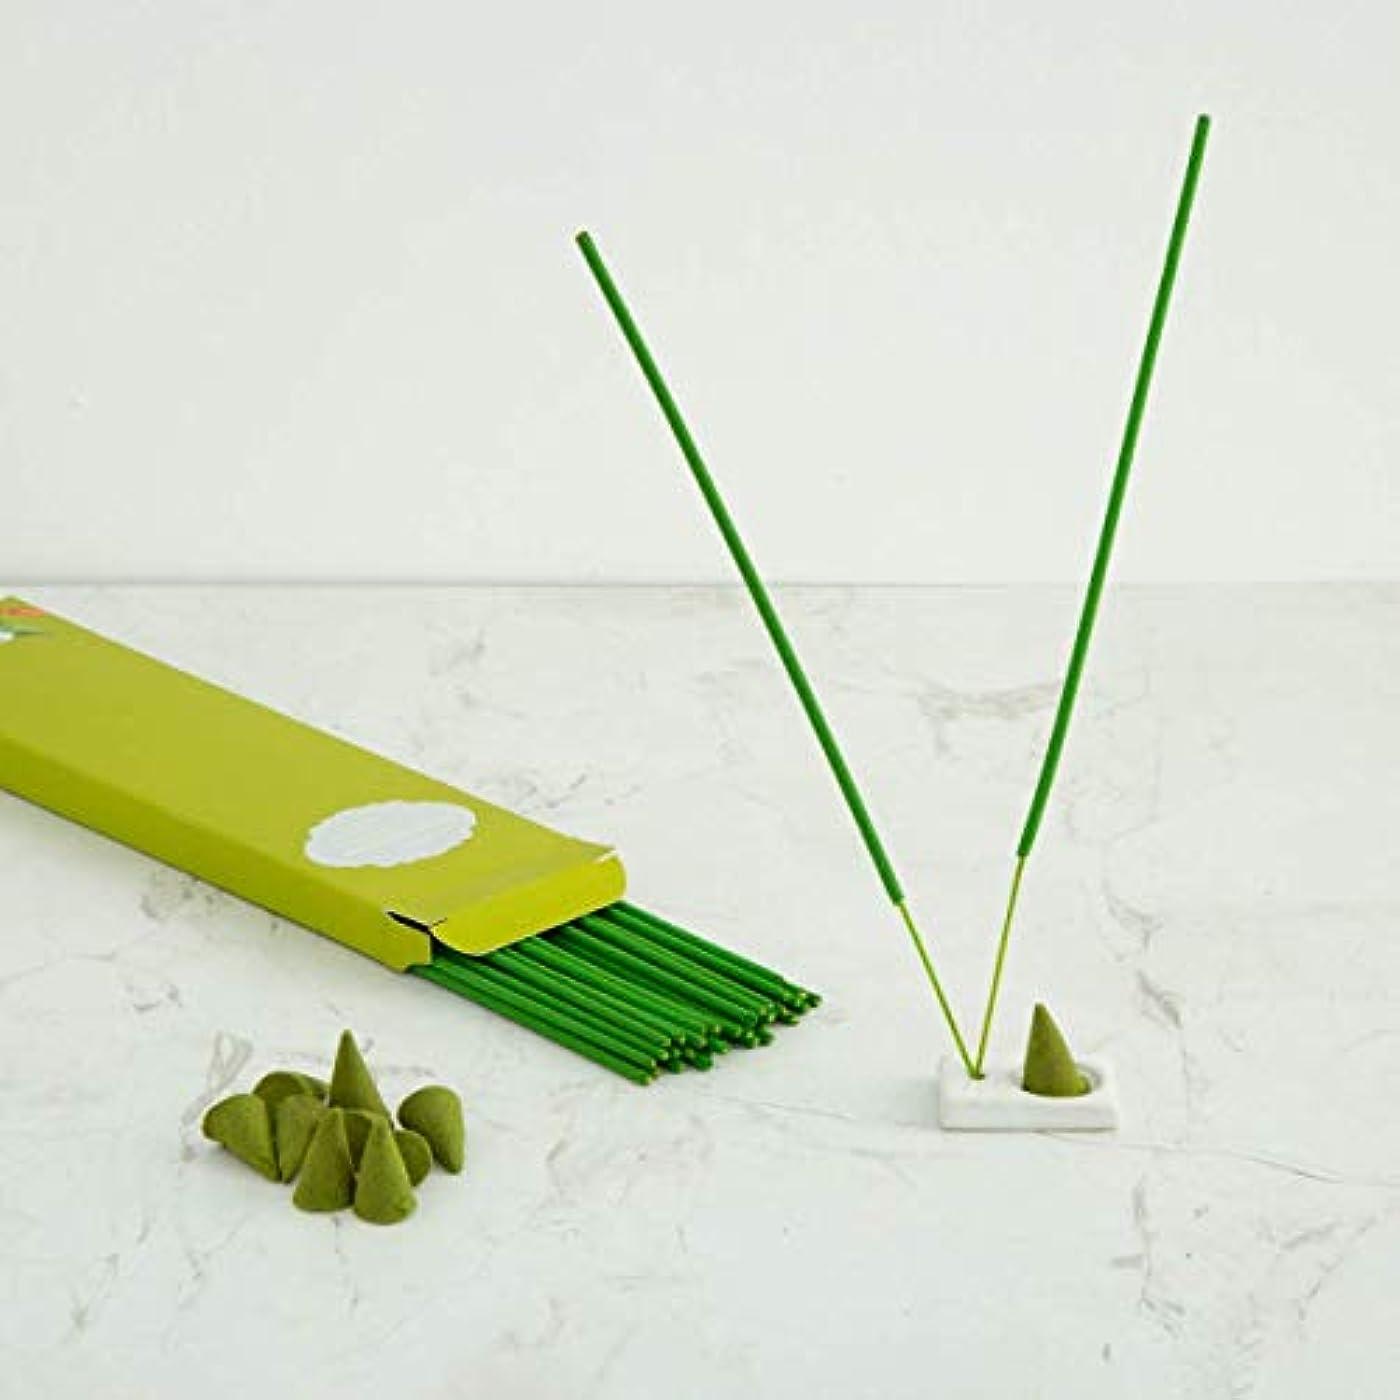 エクステント砂利物足りないHome Centre Redolance Chirping Woods Incense Sticks and Cones - Green